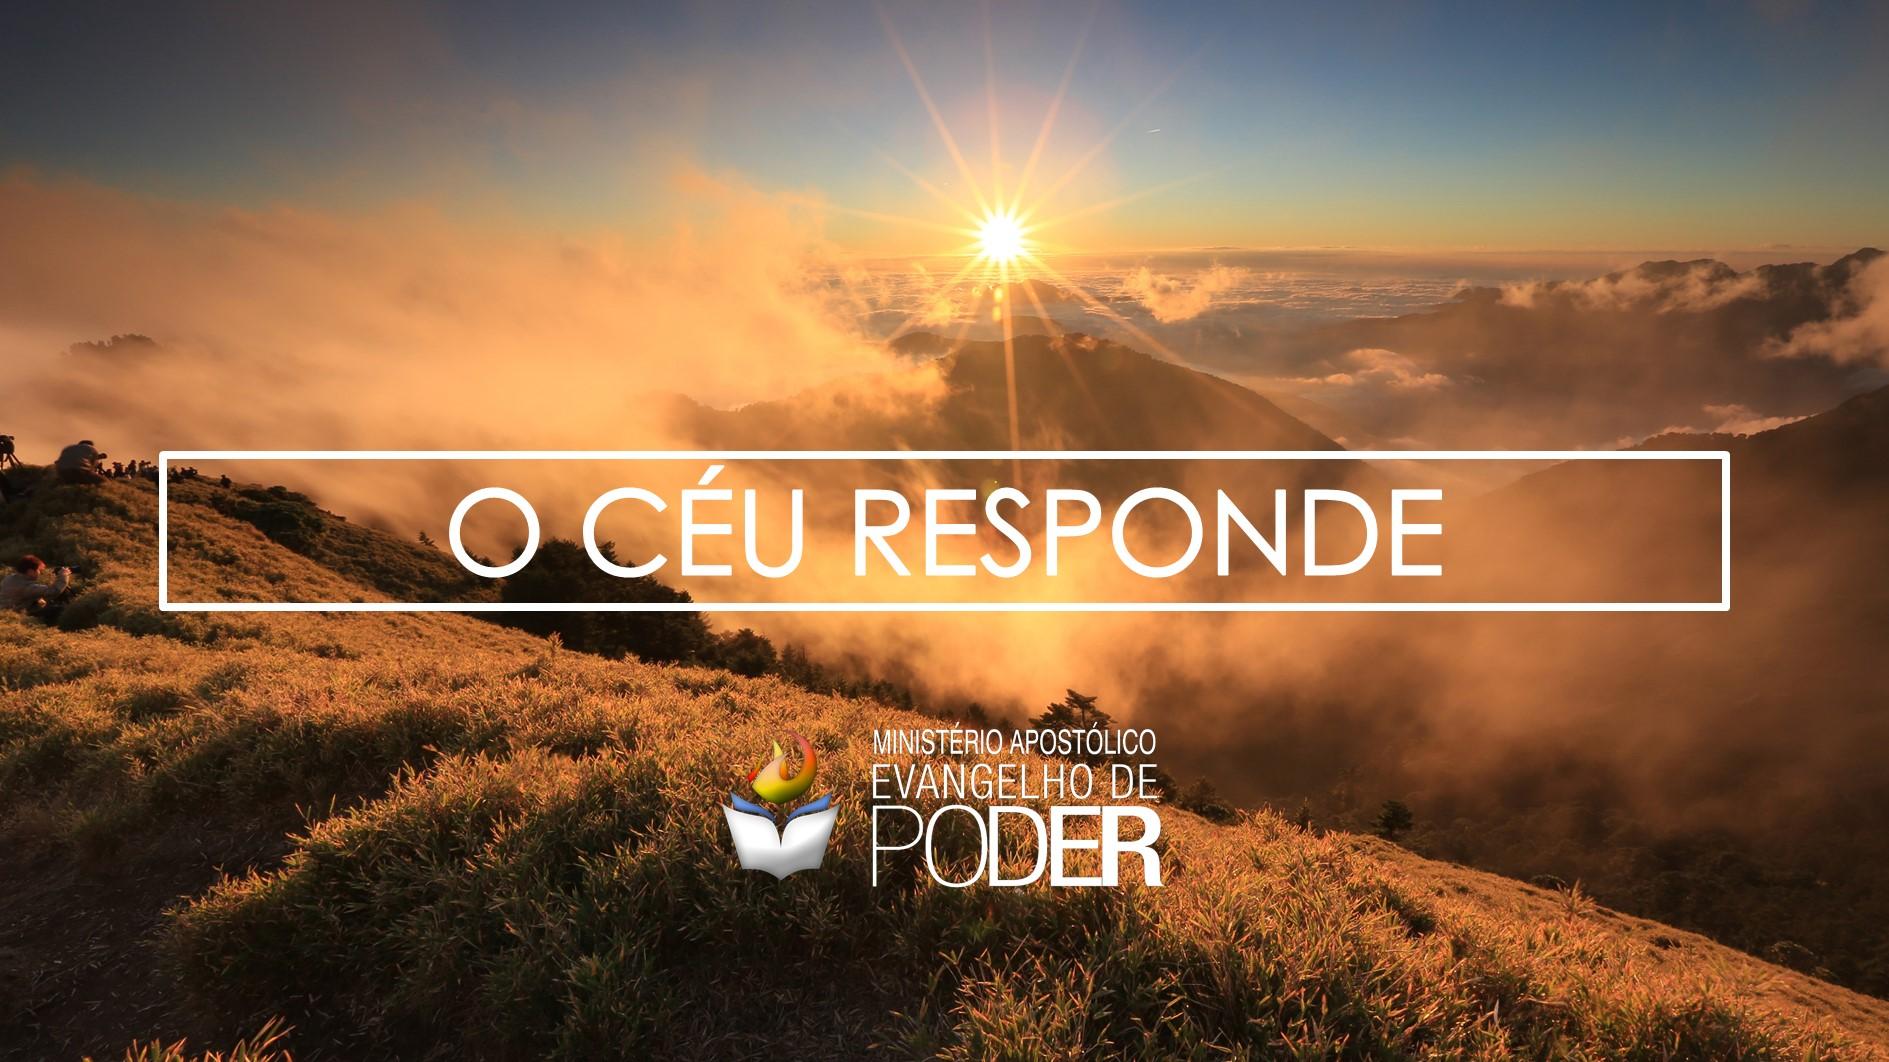 O CÉU RESPONDE